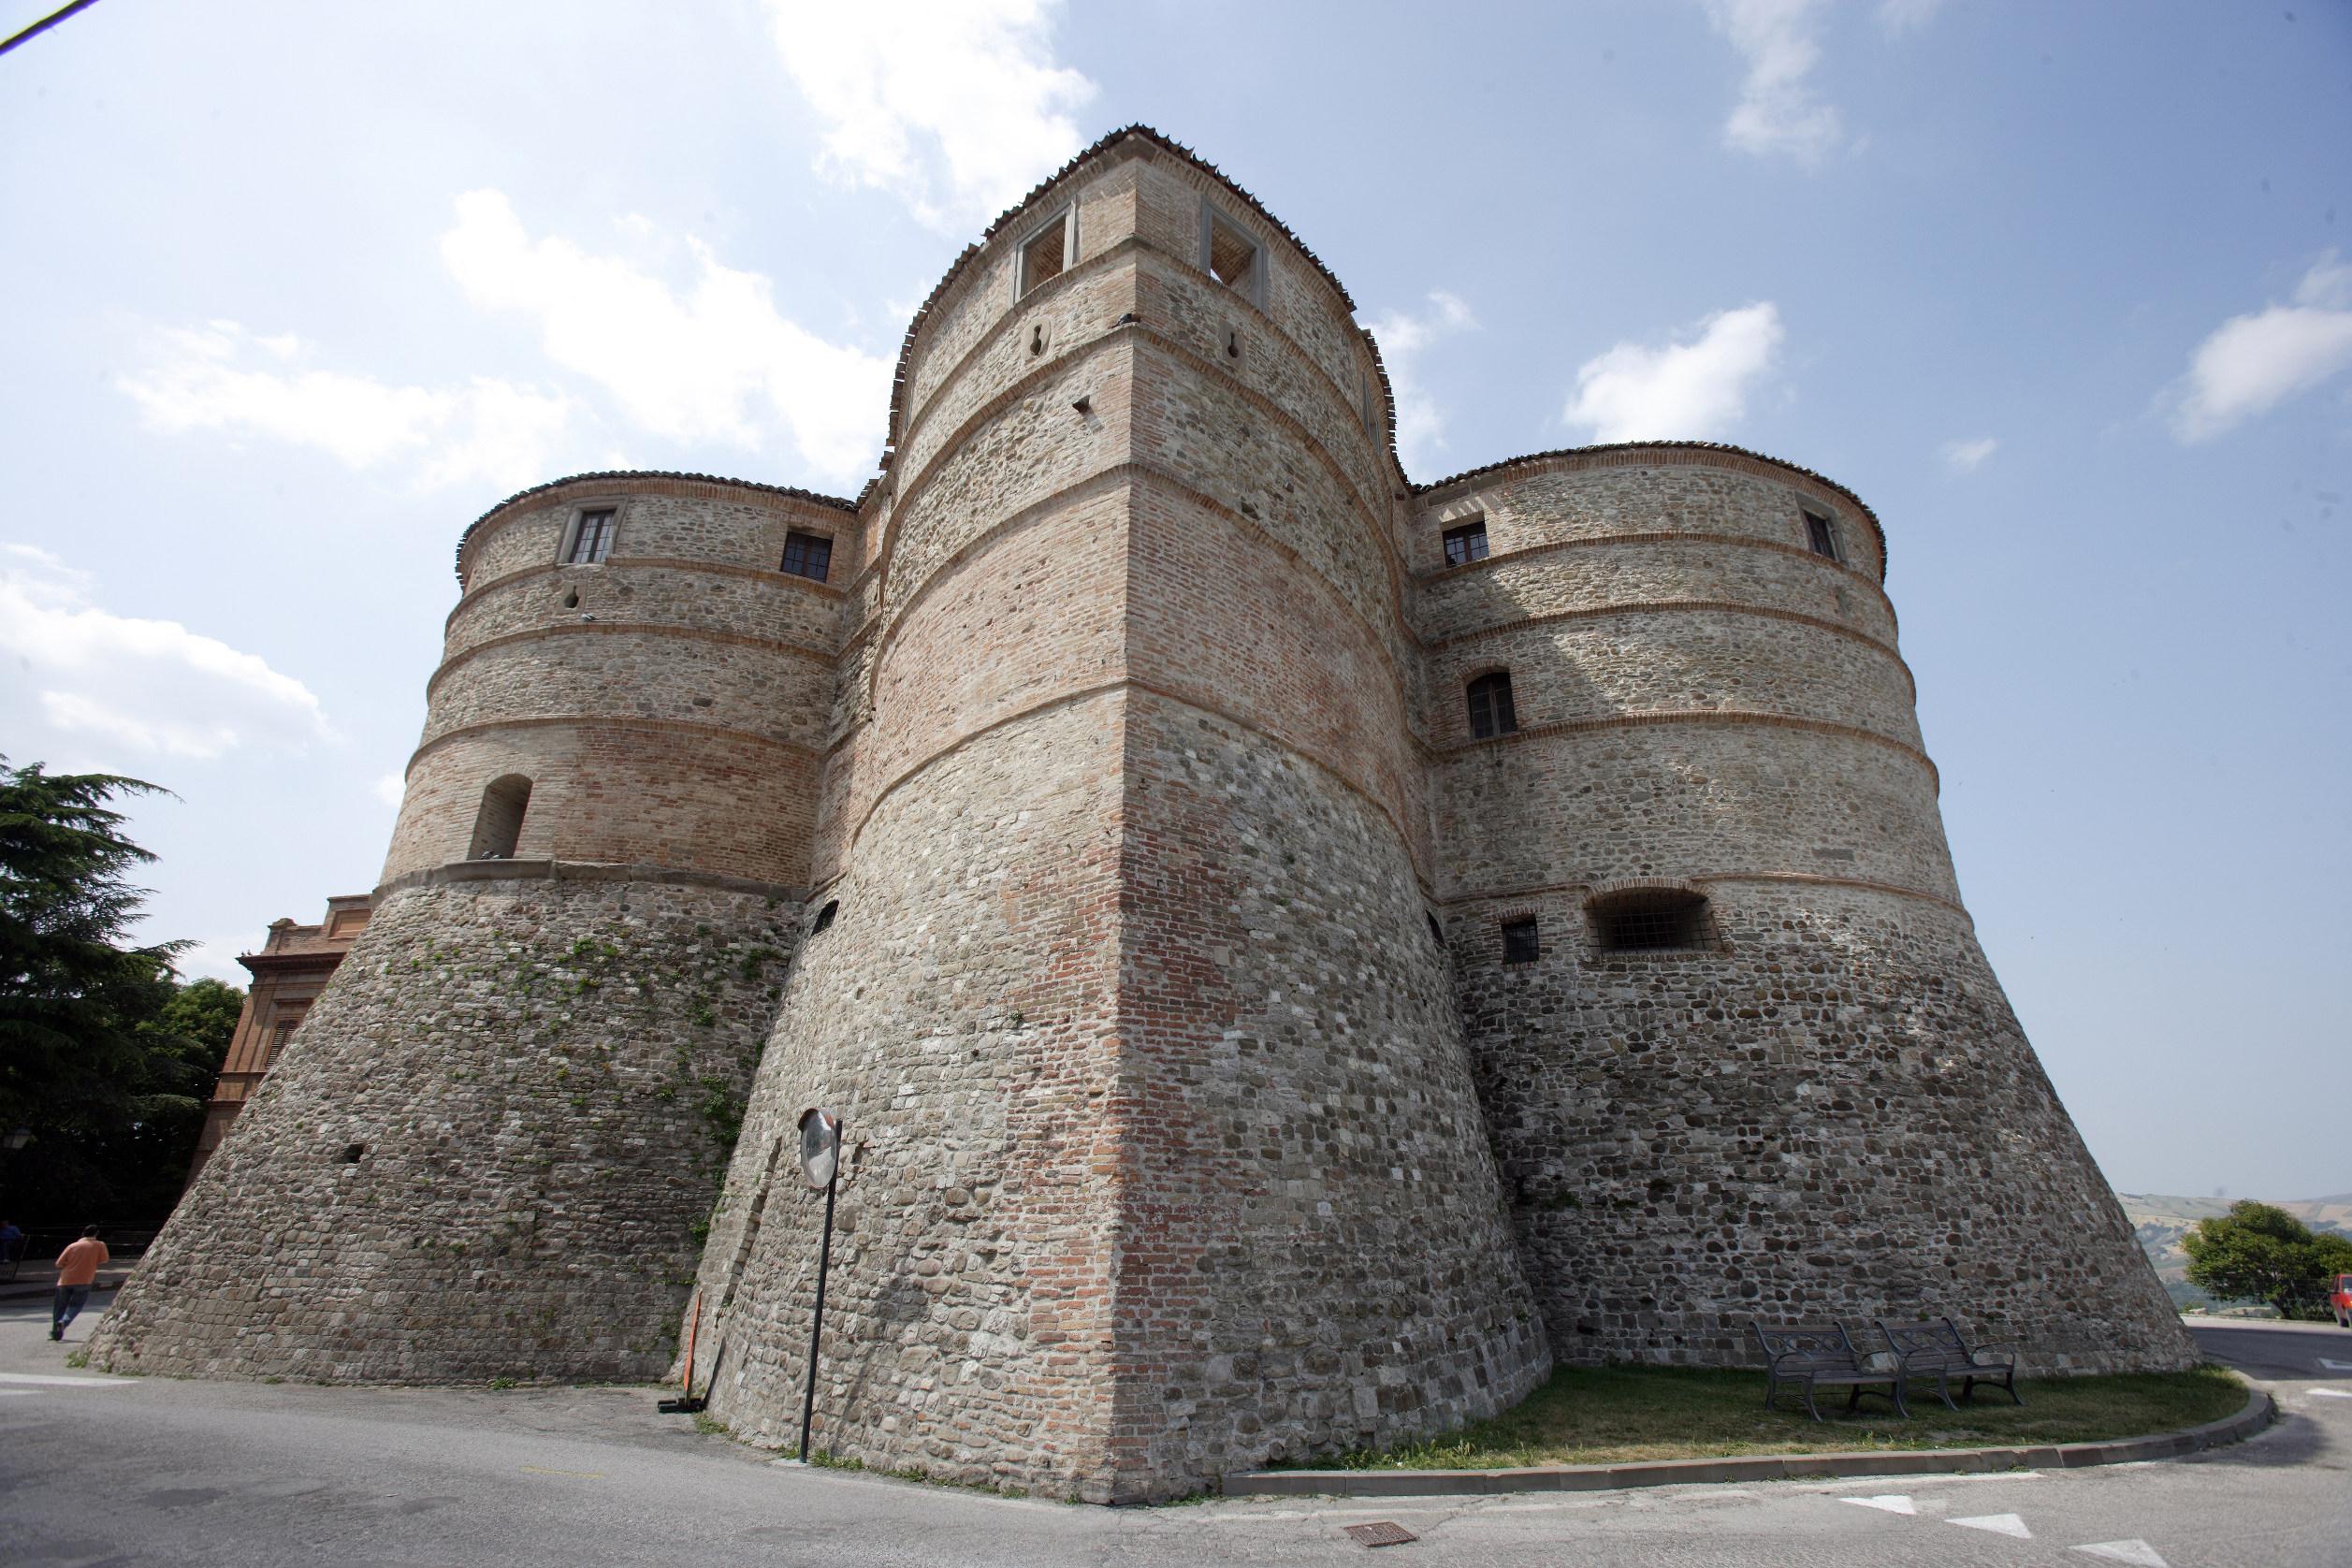 Risultati immagini per francesco di giorgio fortificazioni